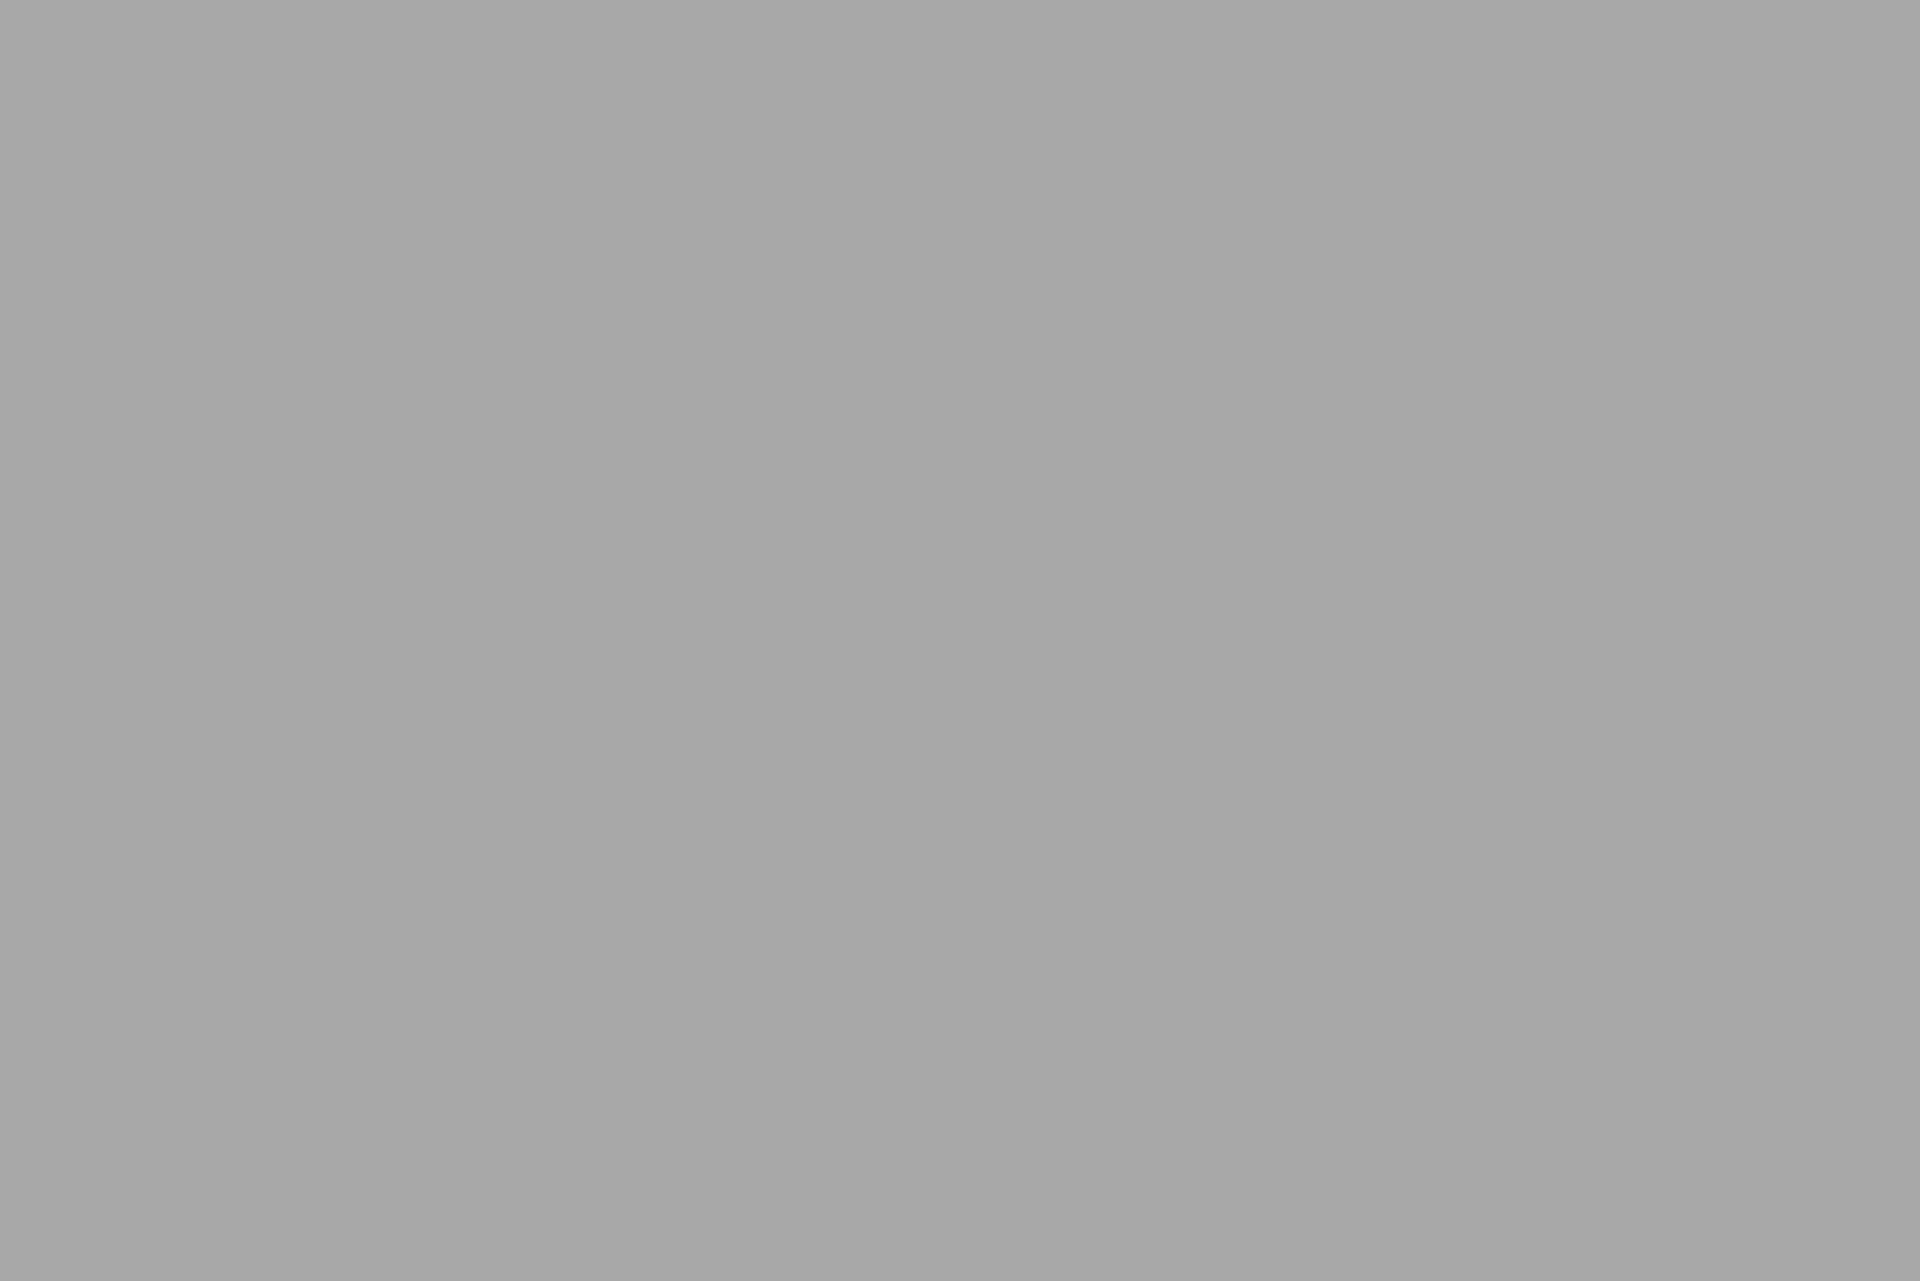 blur-1867402_1920